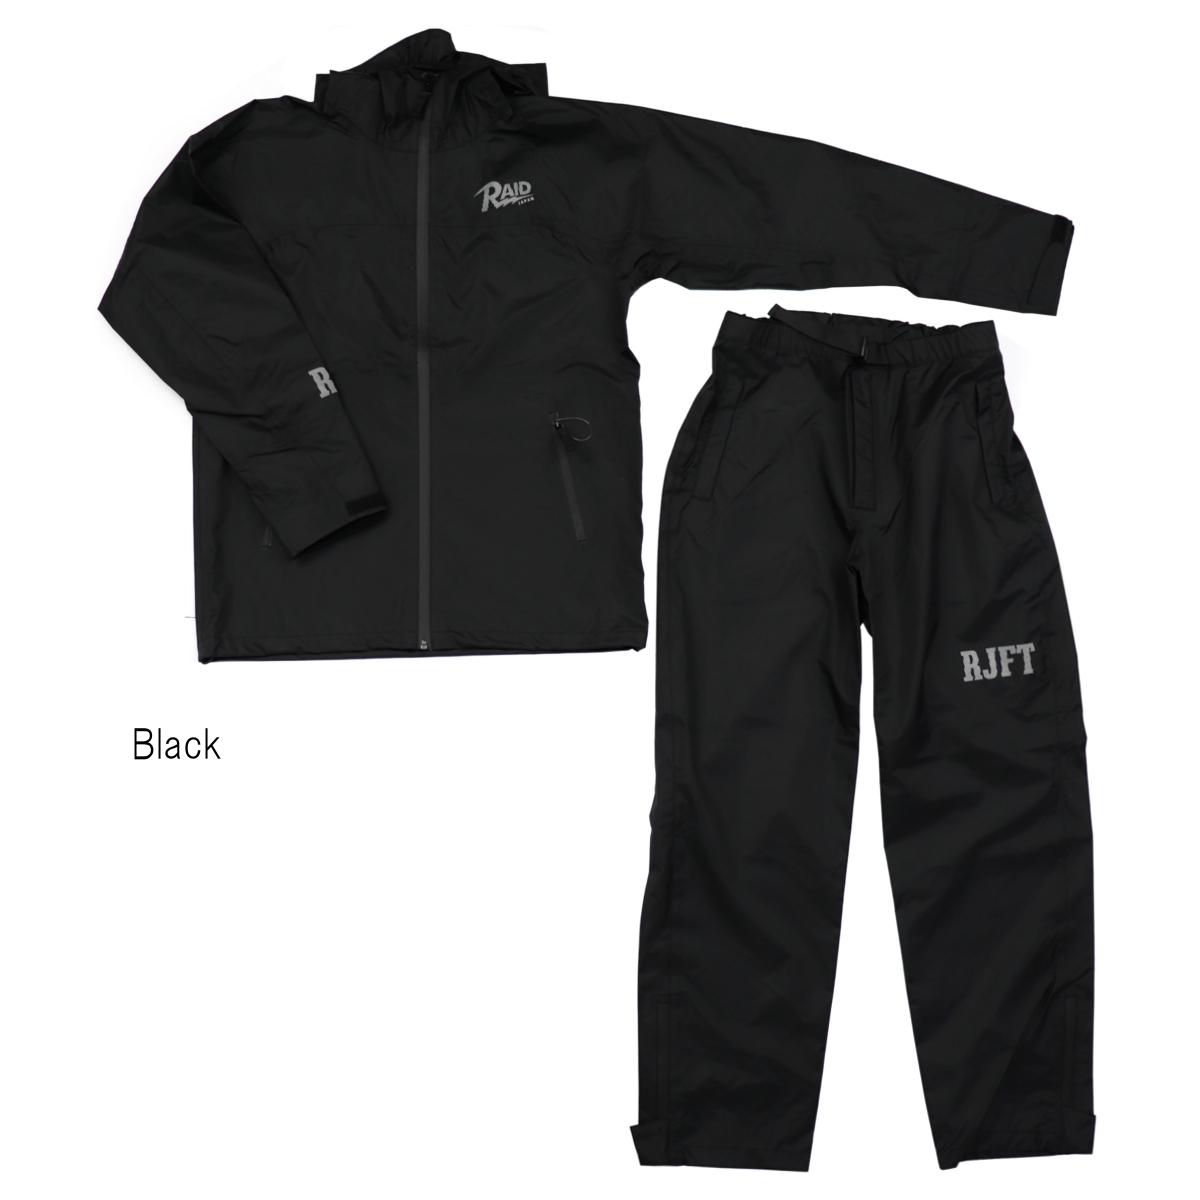 レイドジャパン RJFT RAINWEAR XL Black